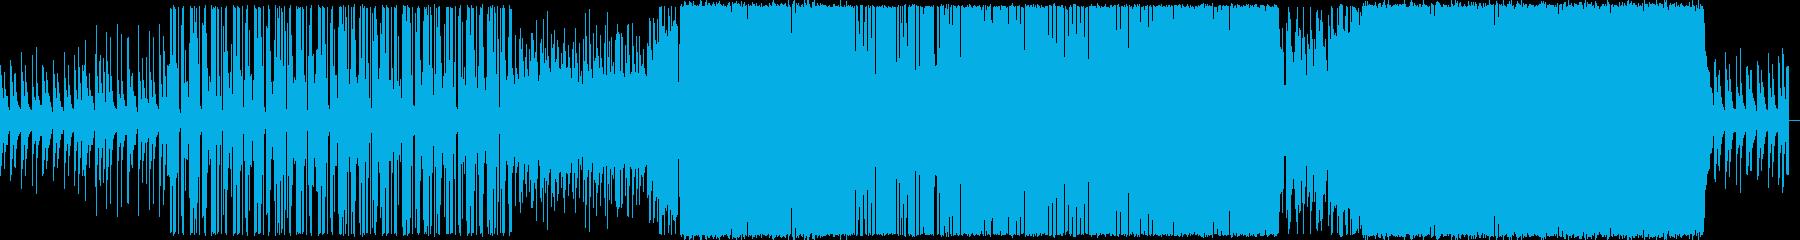 エレクトロニカ/ポップ/おしゃれ/爽やかの再生済みの波形